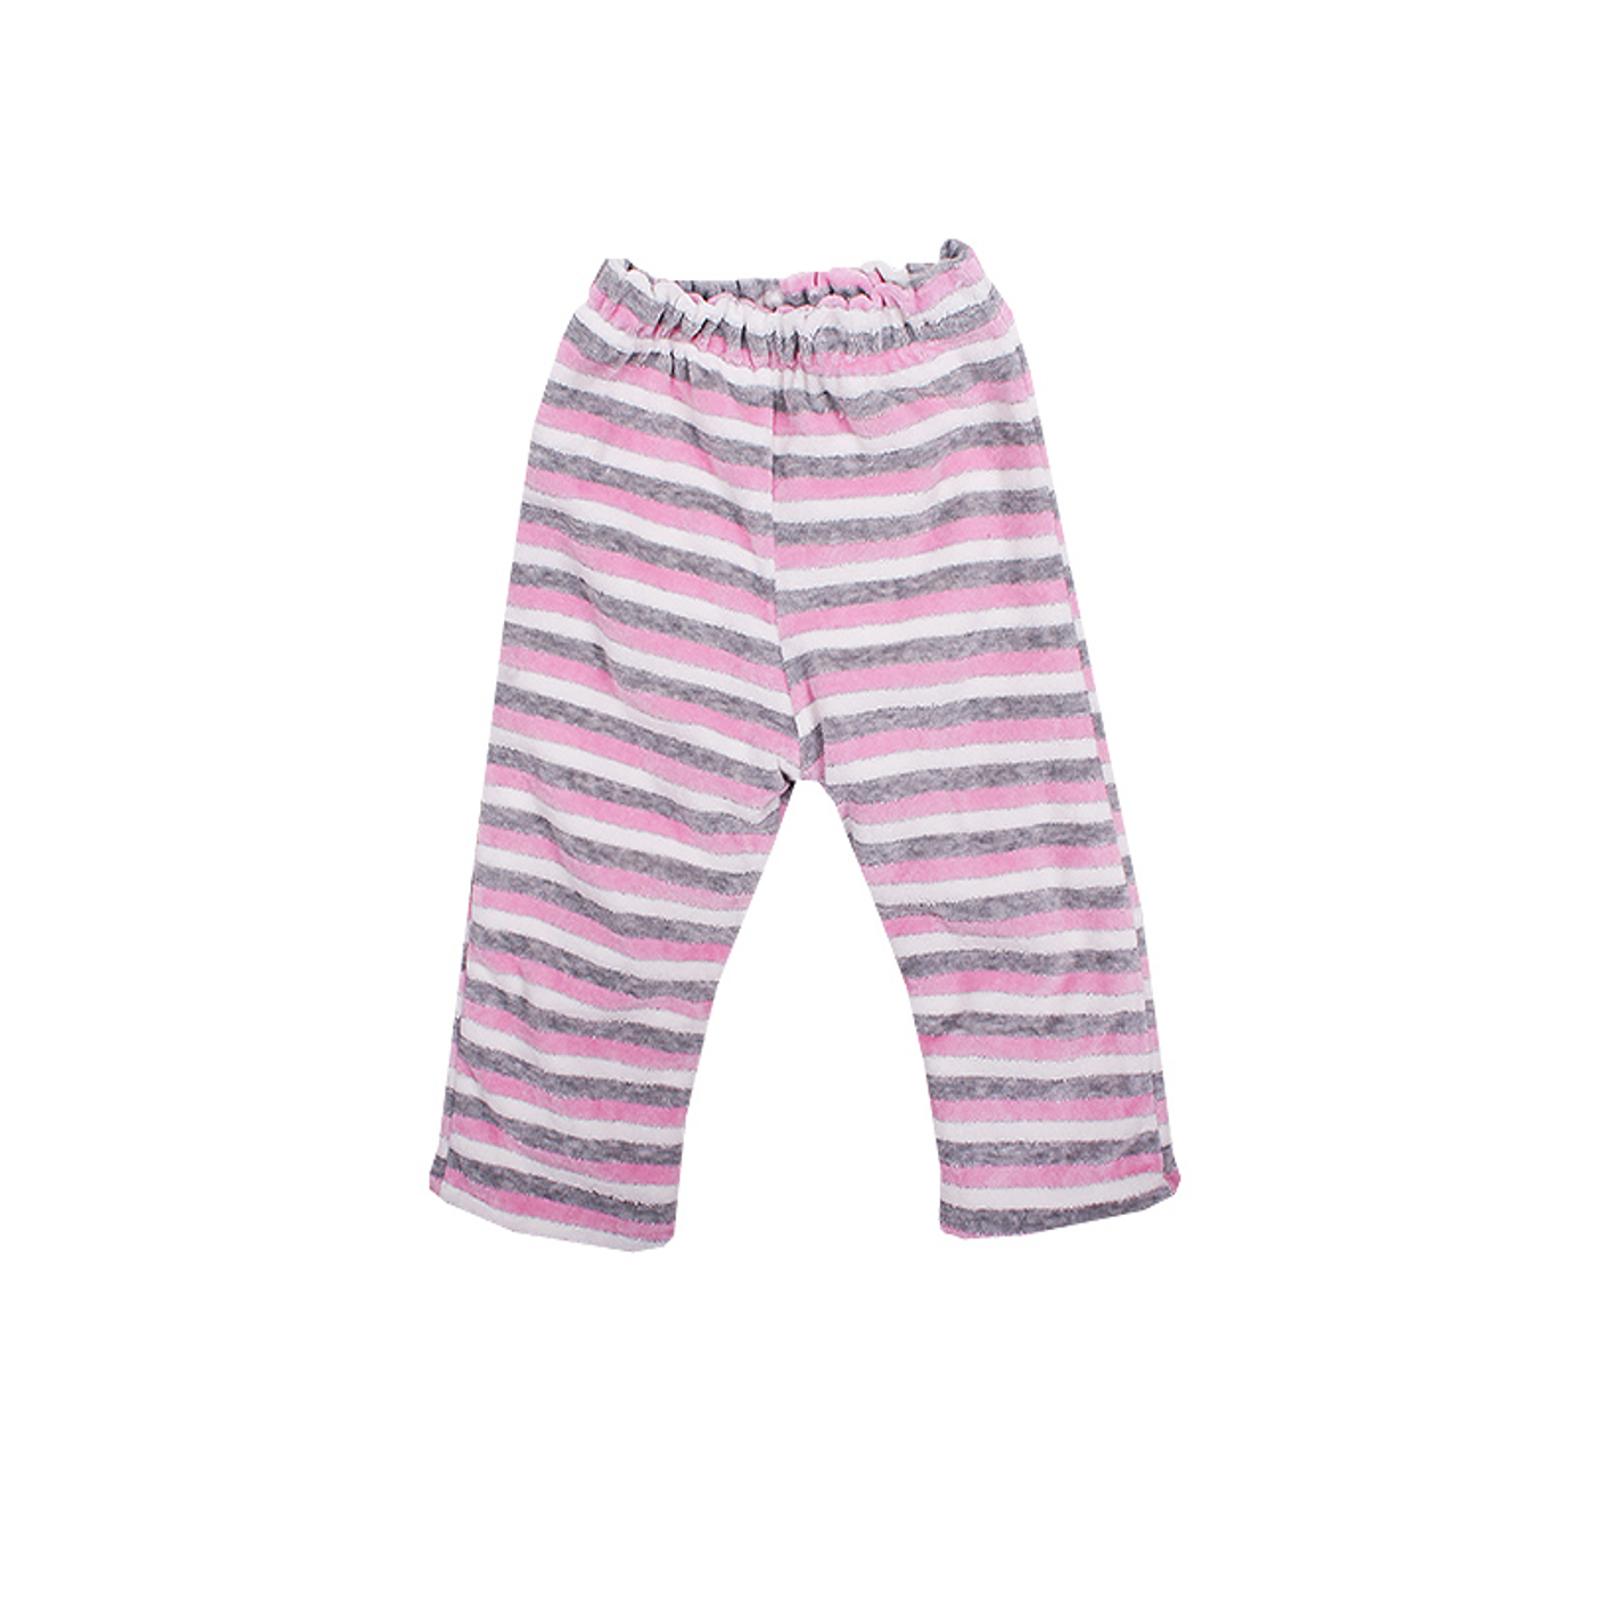 Комплект одежды Estella для девочки, брюки, кофточка, цвет - Бледно-розовый Размер 68